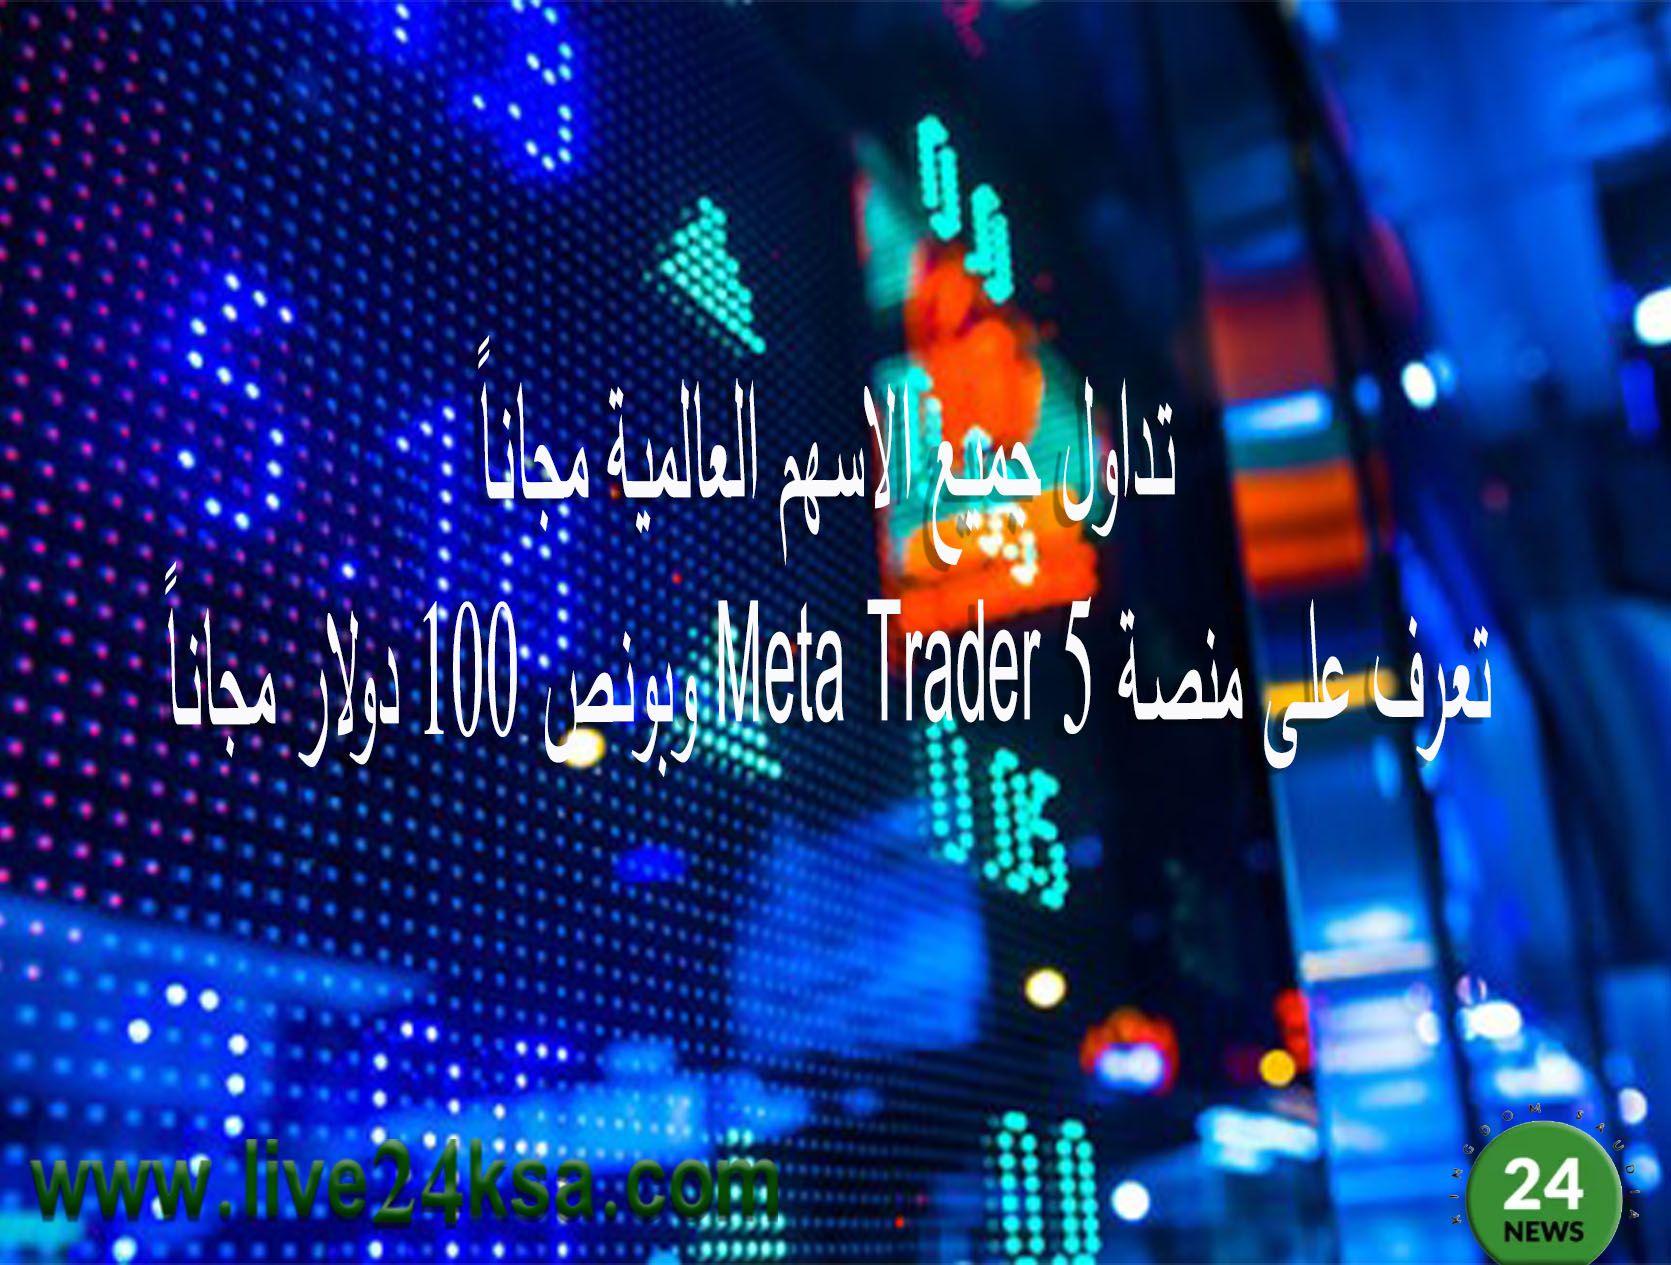 تداول جميع الاسهم العالمية مجانا تعرف على منصة Meta Trader 5 وبونص 100 دولار مجانا Neon Signs Meta